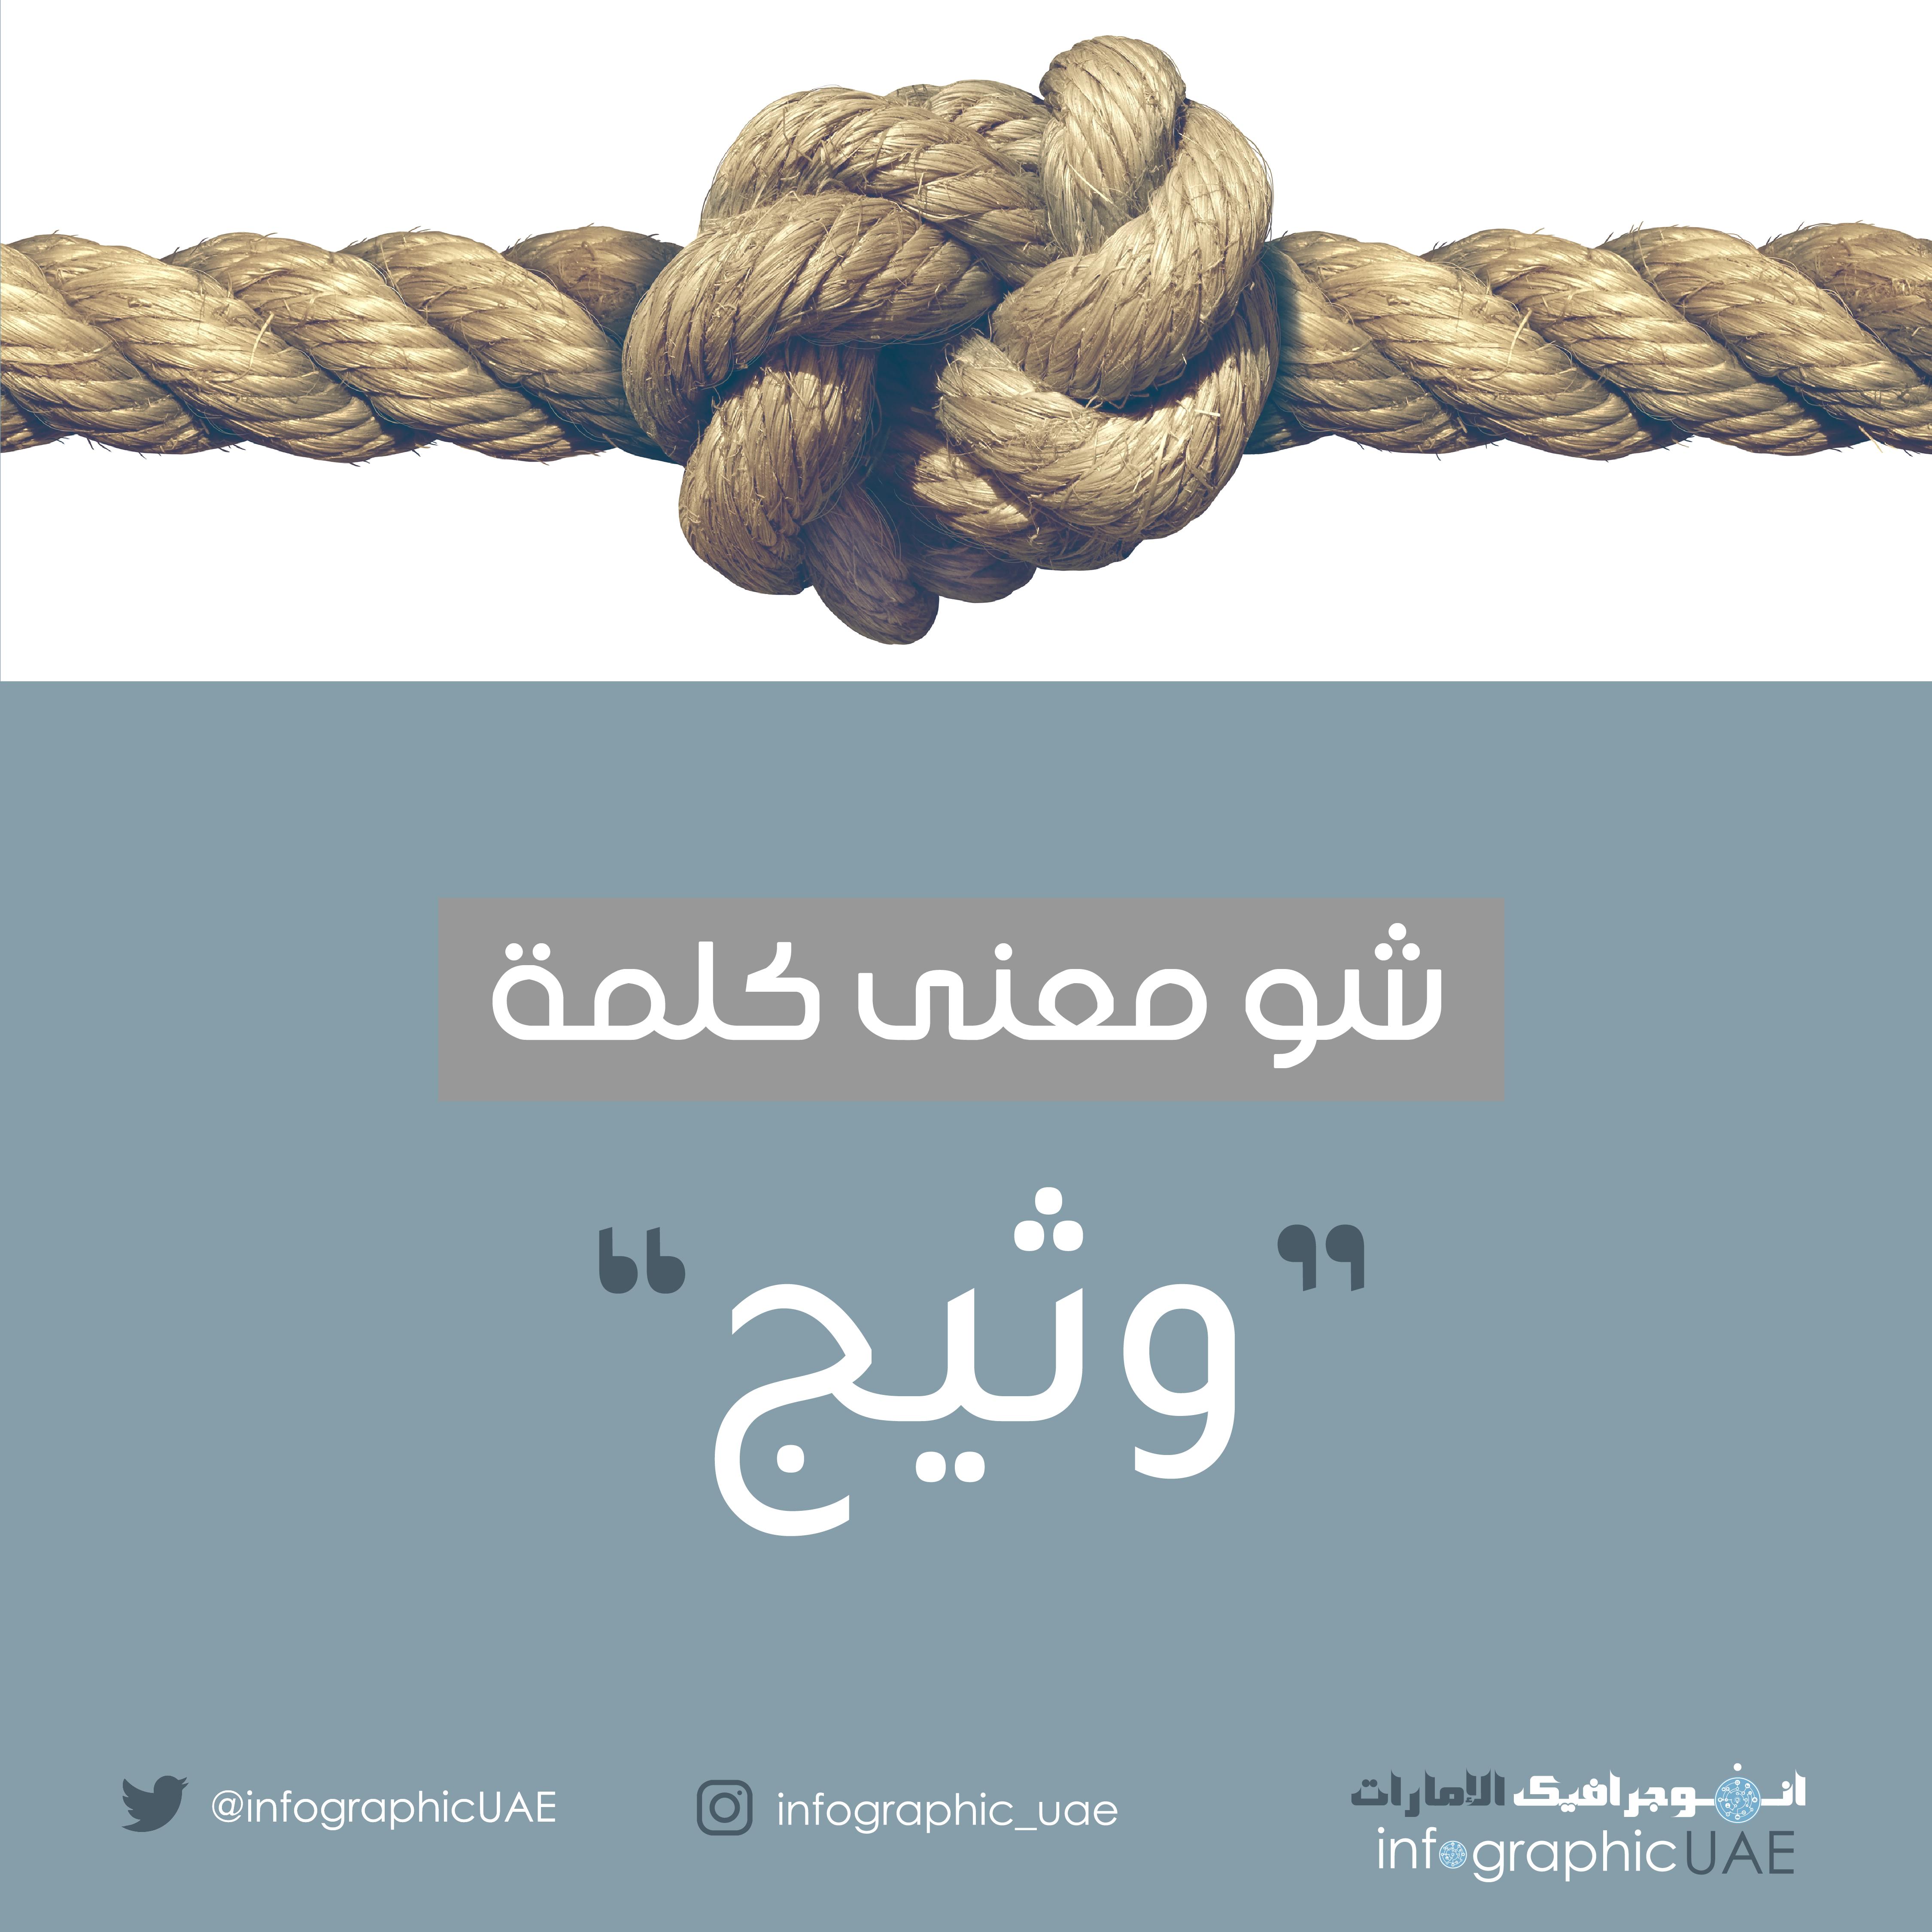 شو معنى كلمة وثيج باللهجة الاماراتية Infographic